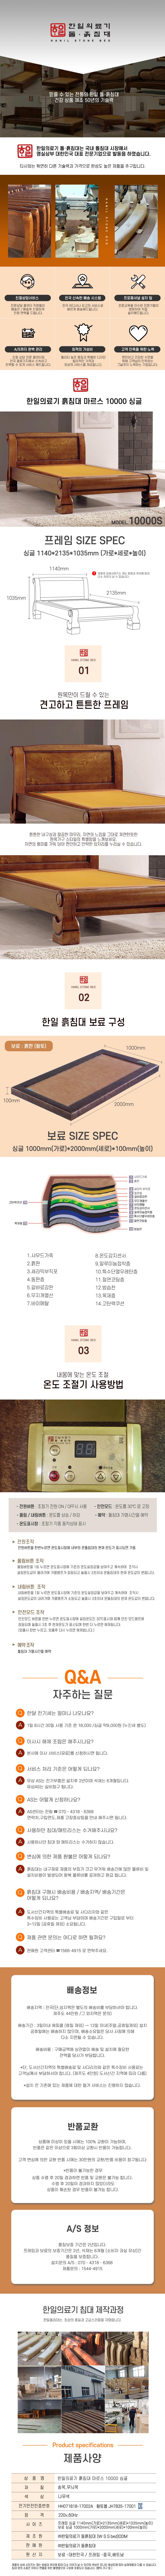 soil-10000s.jpg